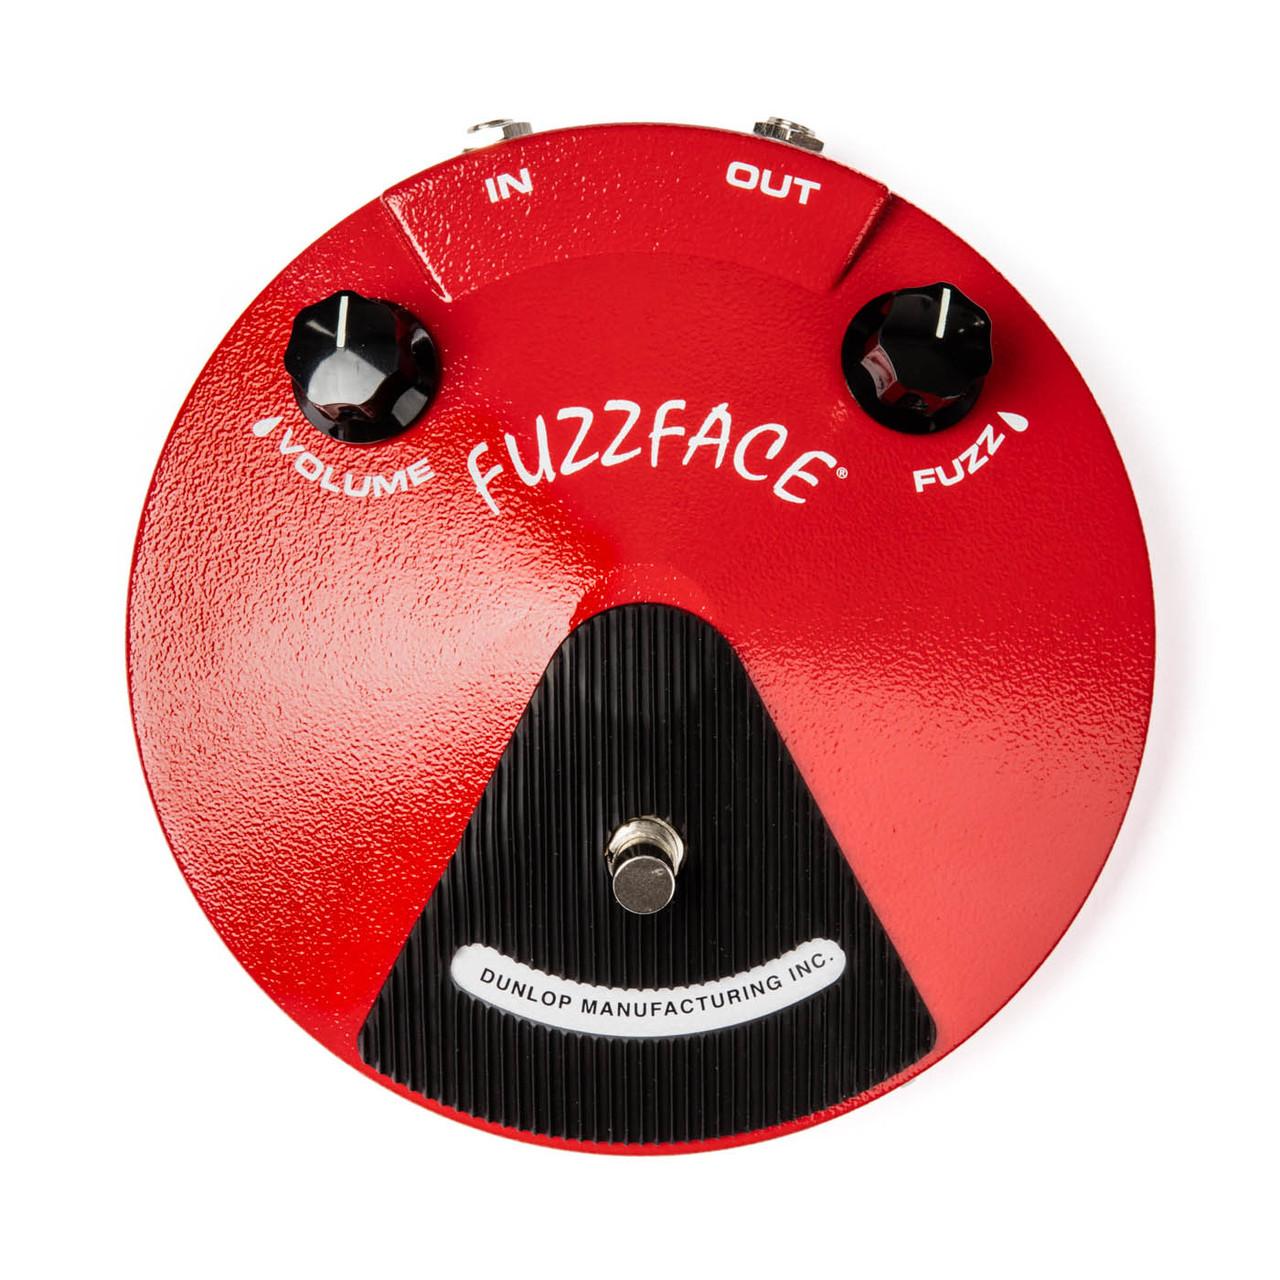 Dunlop Fuzz Face JDF2